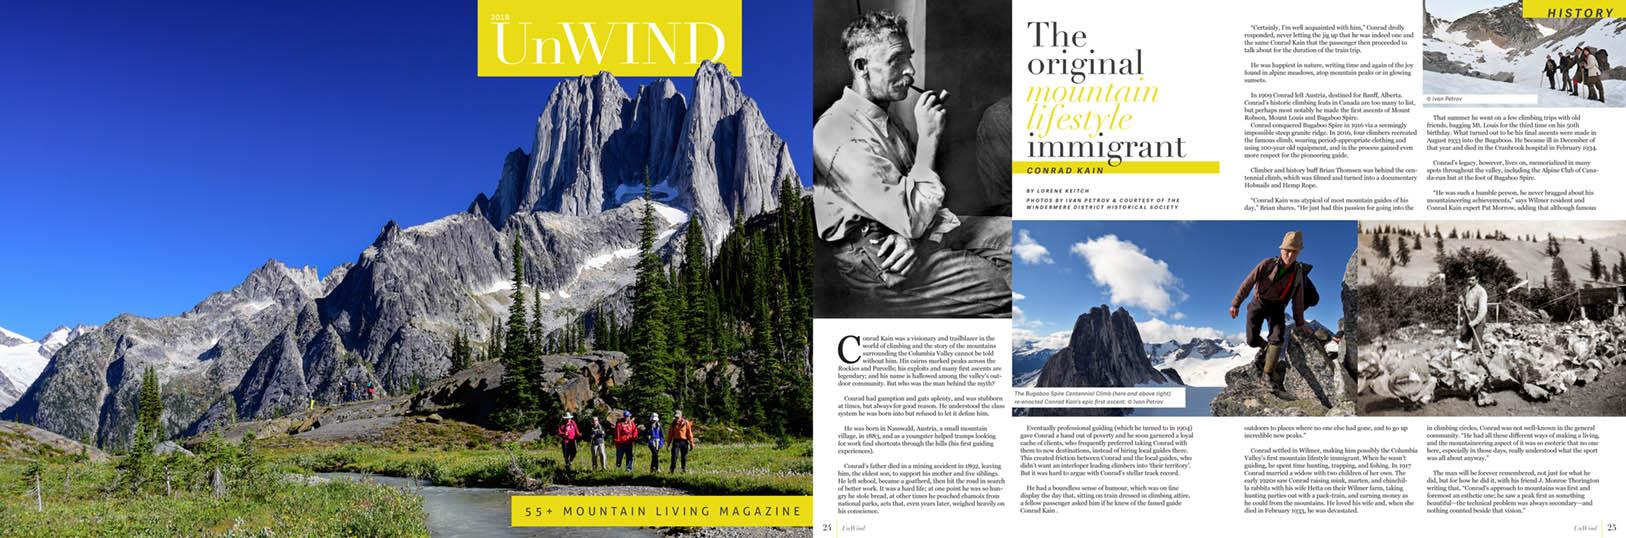 UnWind magazine Jan 2018